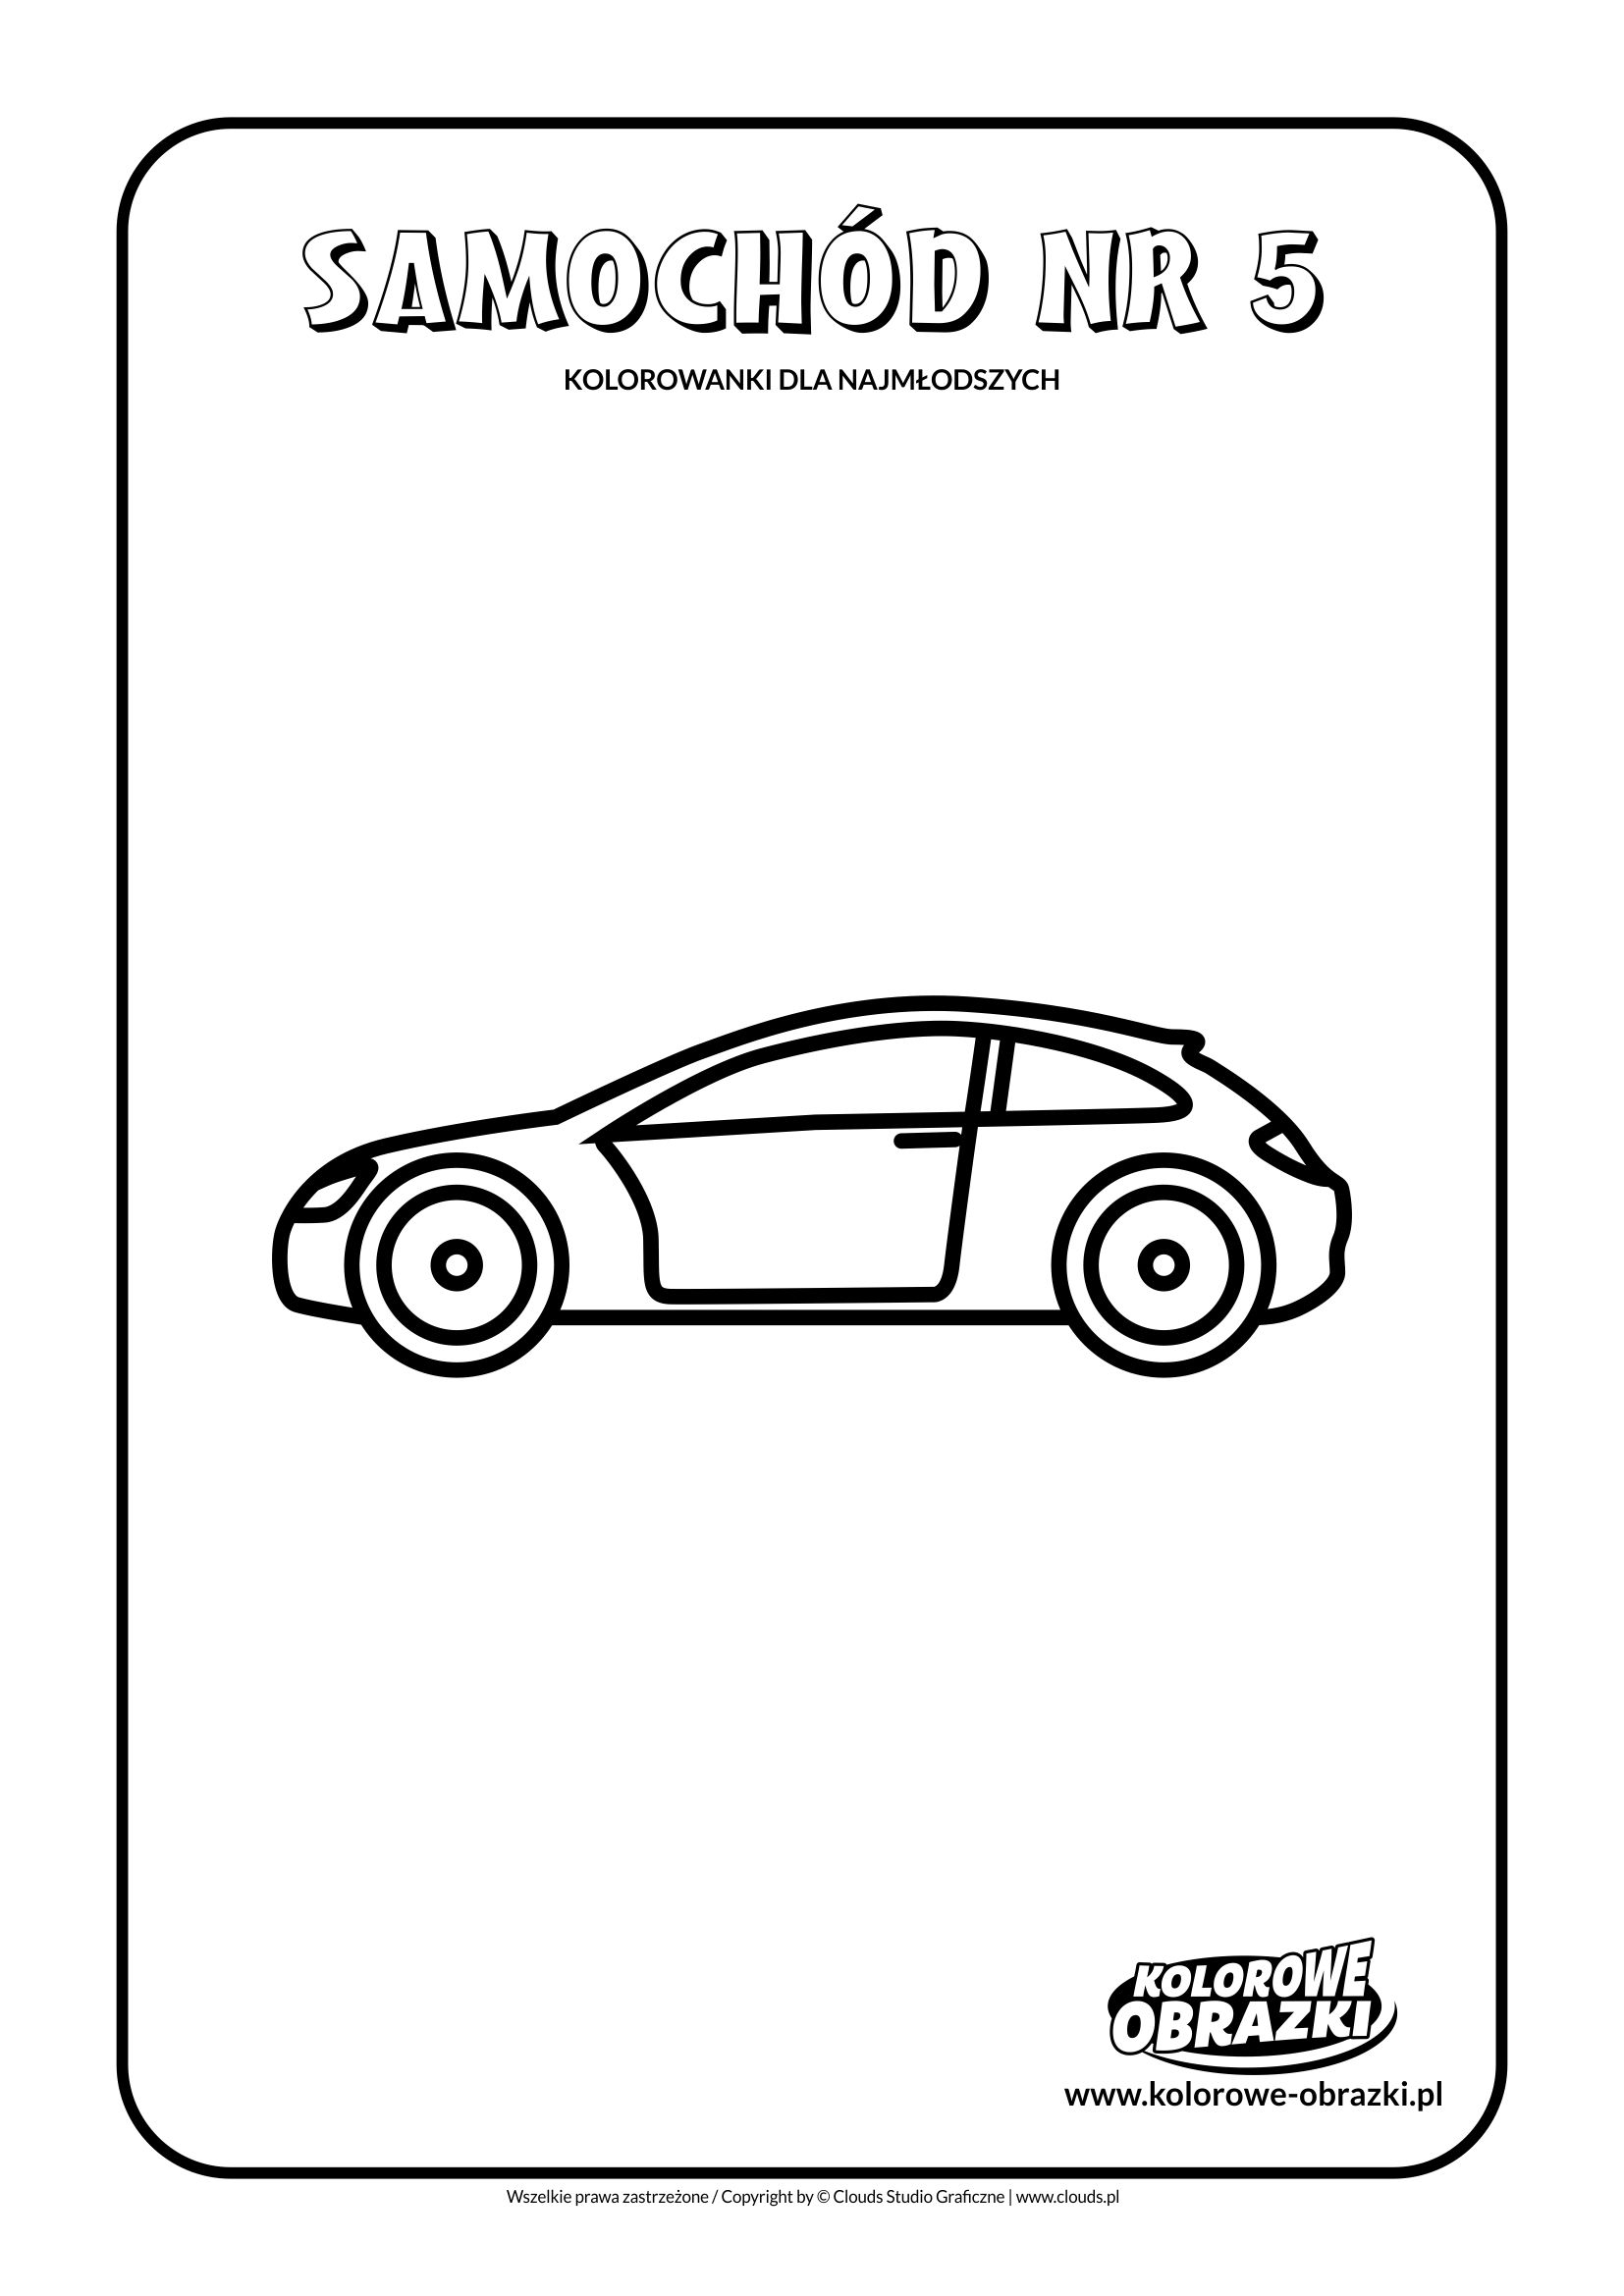 Proste kolorowanki dla najmłodszych - Samochody / Samochód nr 5. Kolorowanka z samochodem